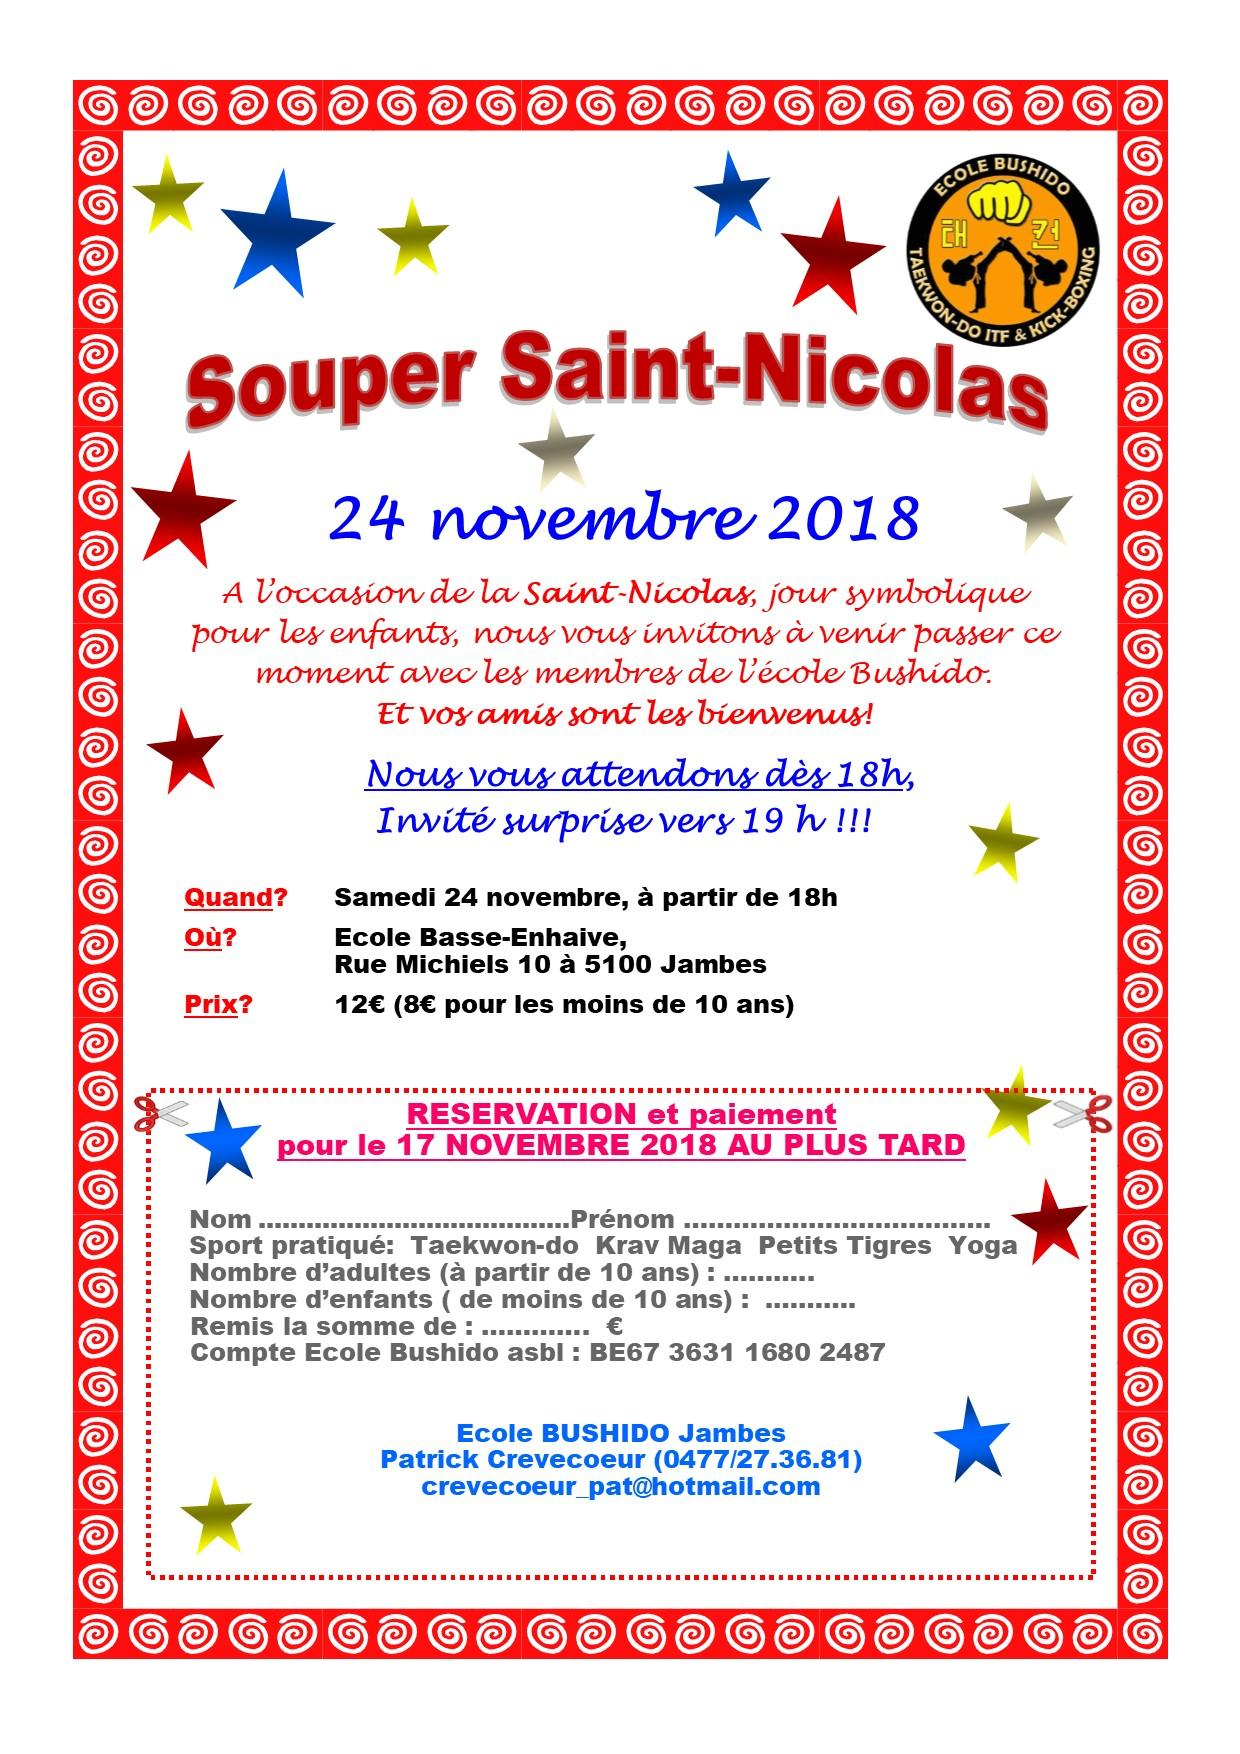 Souper saint-nicolas 2018.jpg